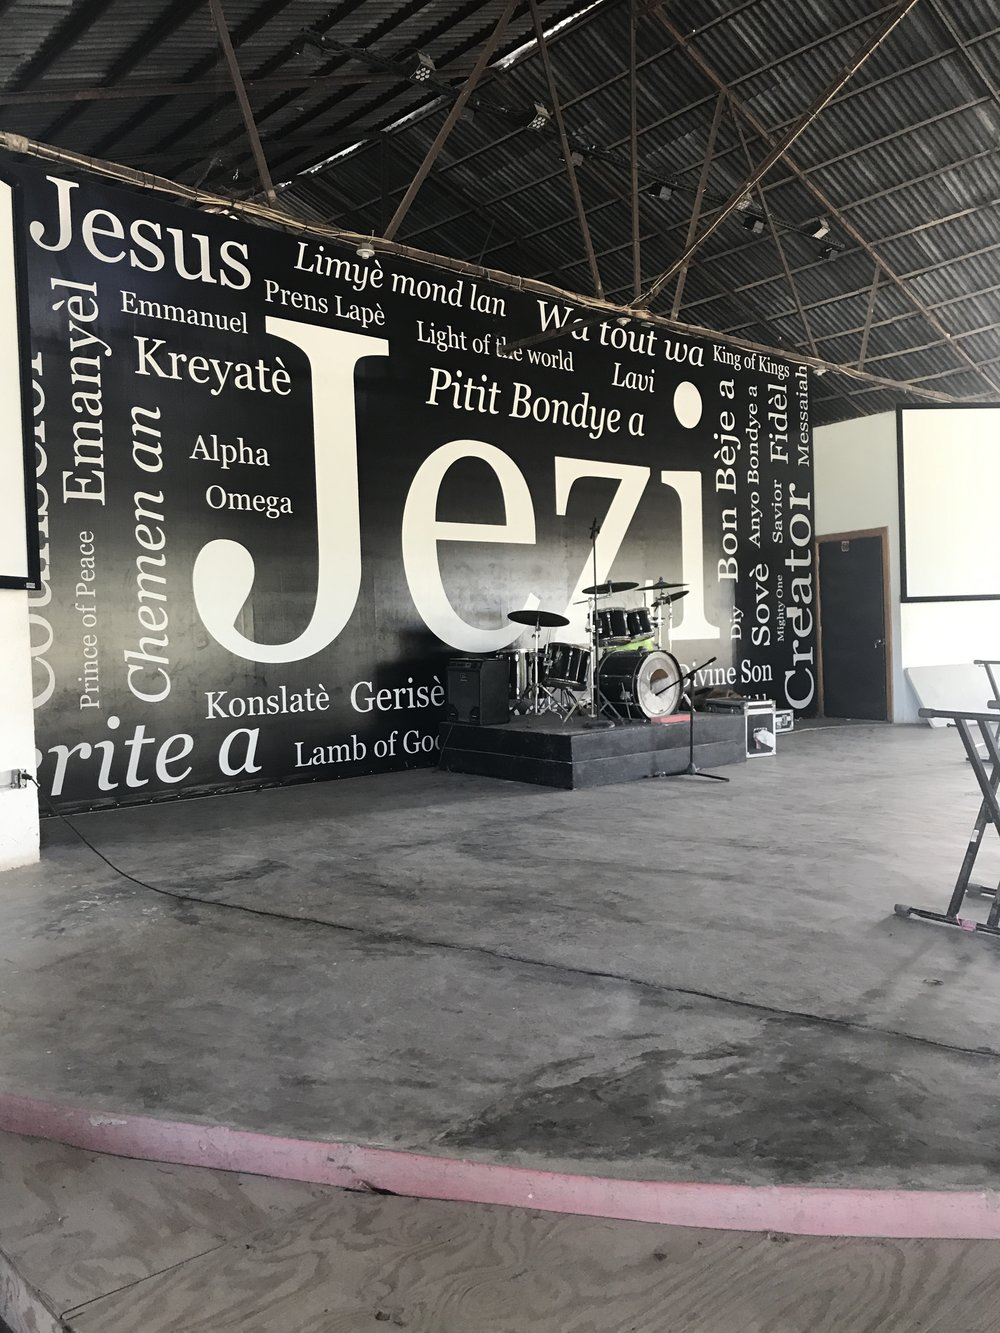 Haitian Church